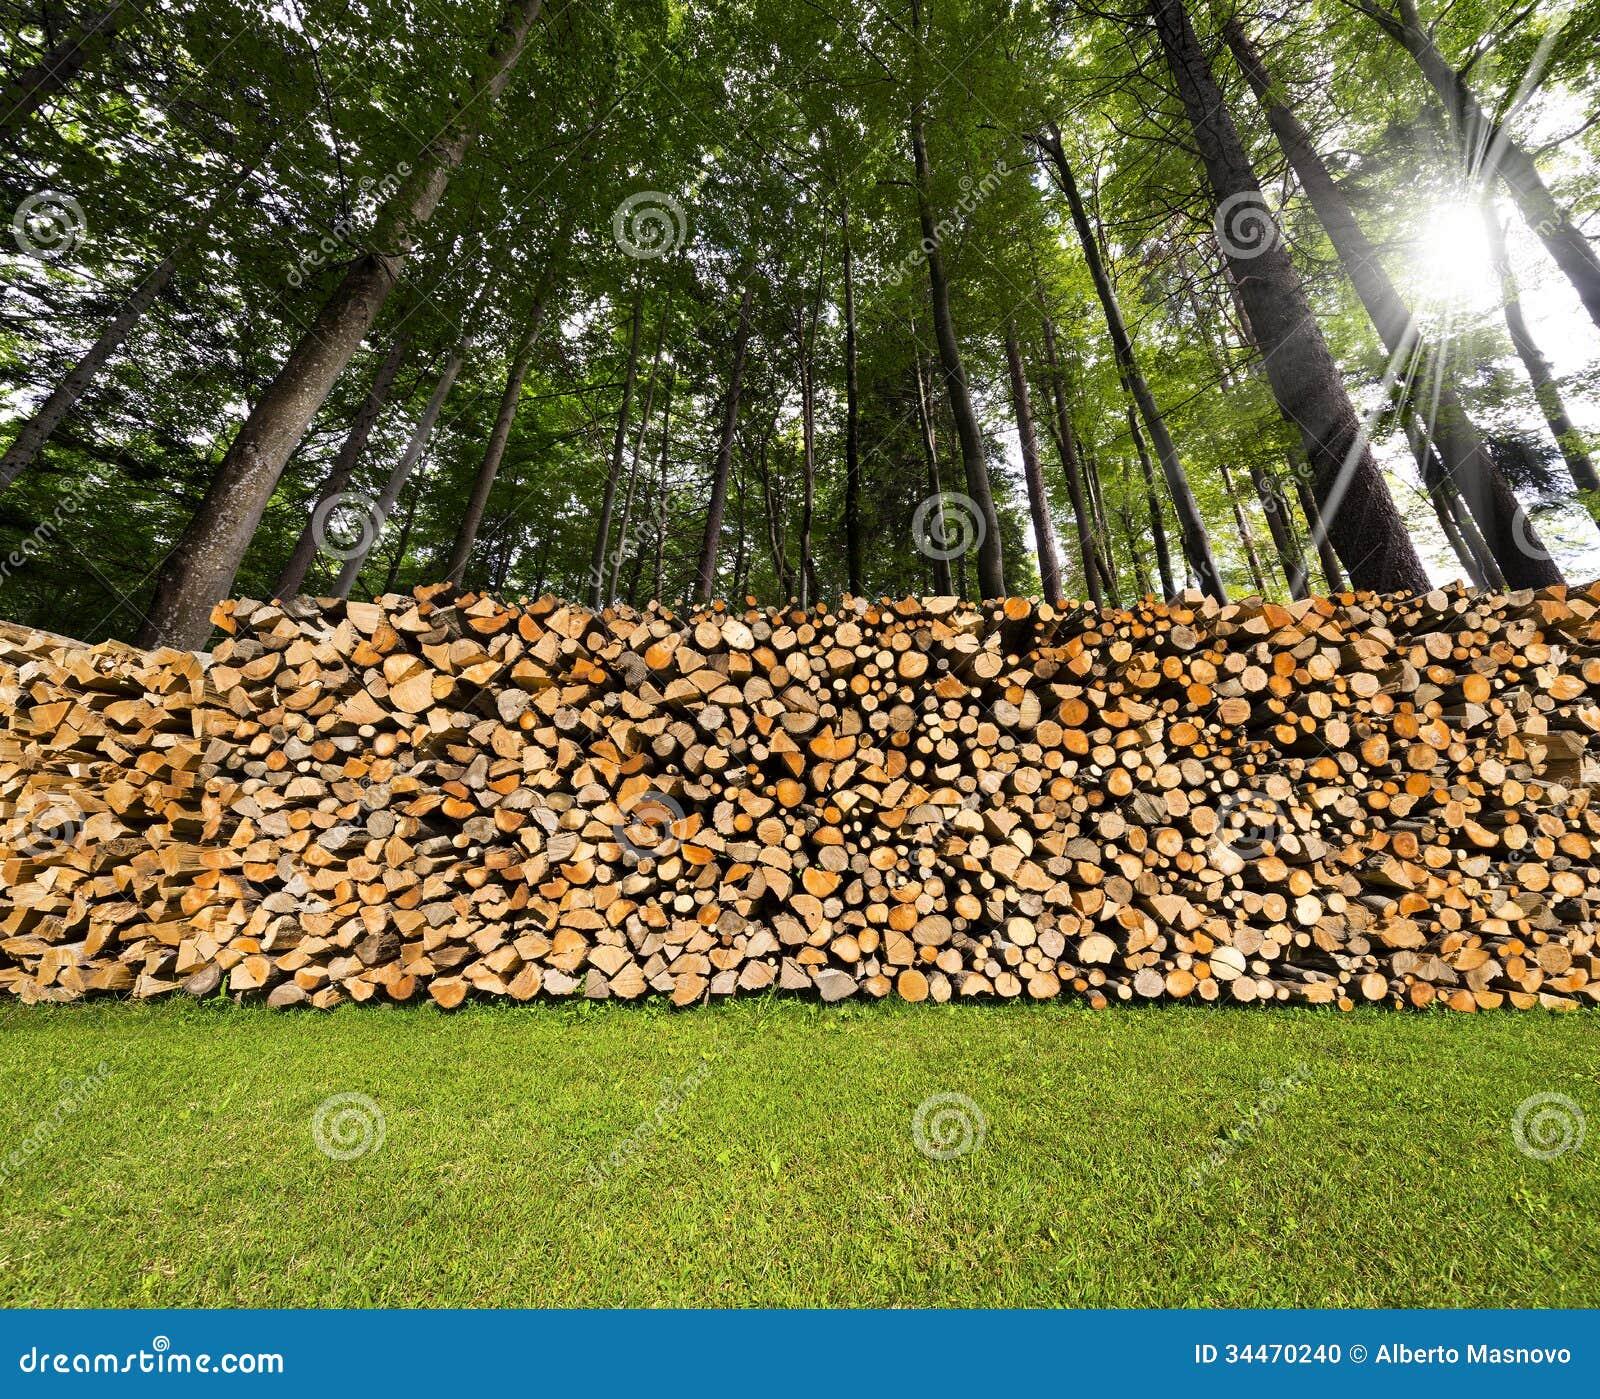 Pile De Bois De Chauffage Coupé Dans Les Bois Photo stock Image 34470240 # Coupe Bois De Chauffage